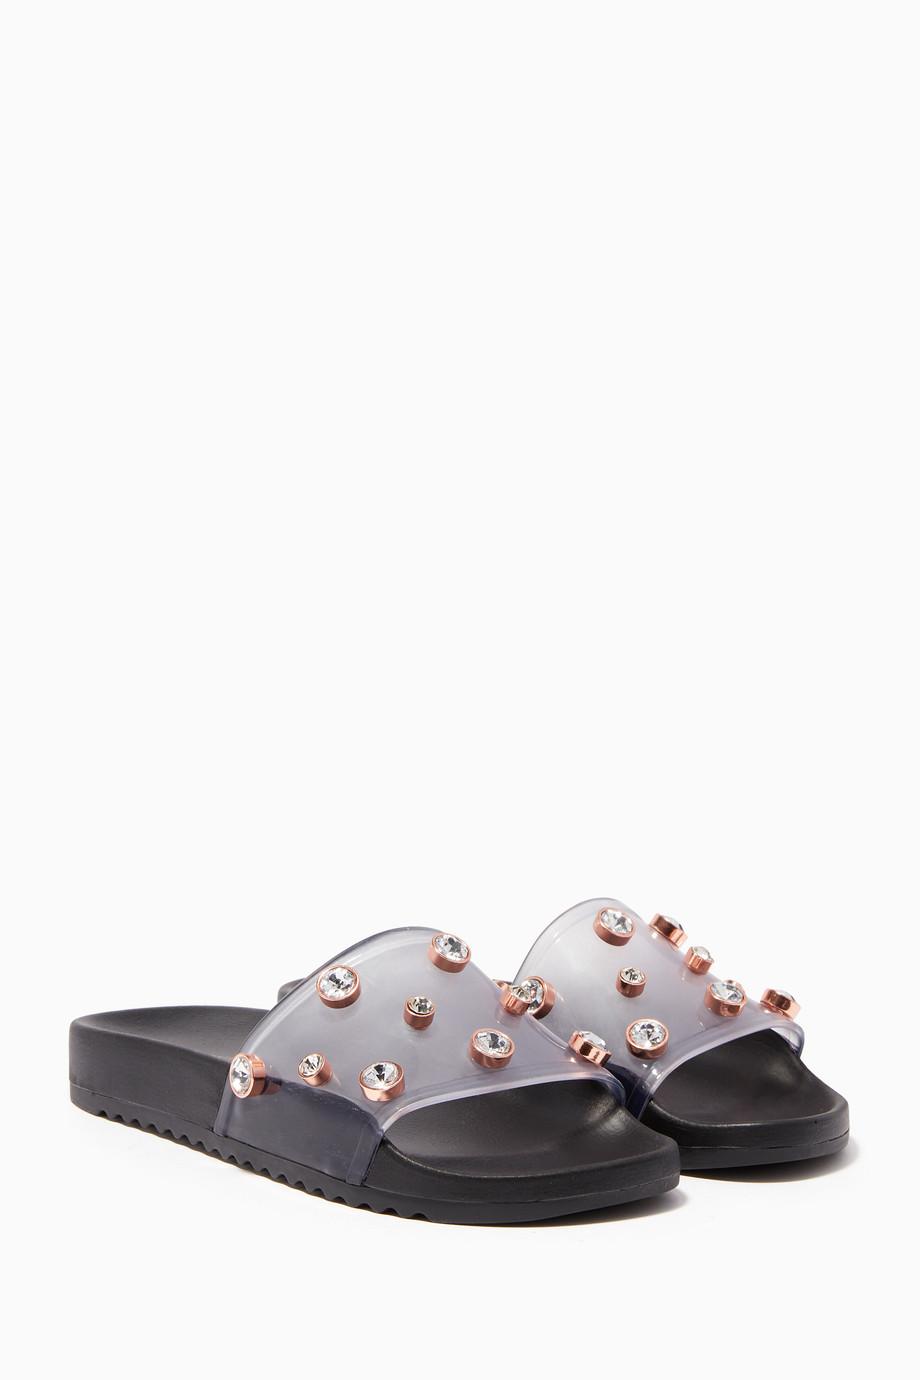 b70dd171e Shop Sophia Webster Black Black Dina Embellished Slides for Women ...